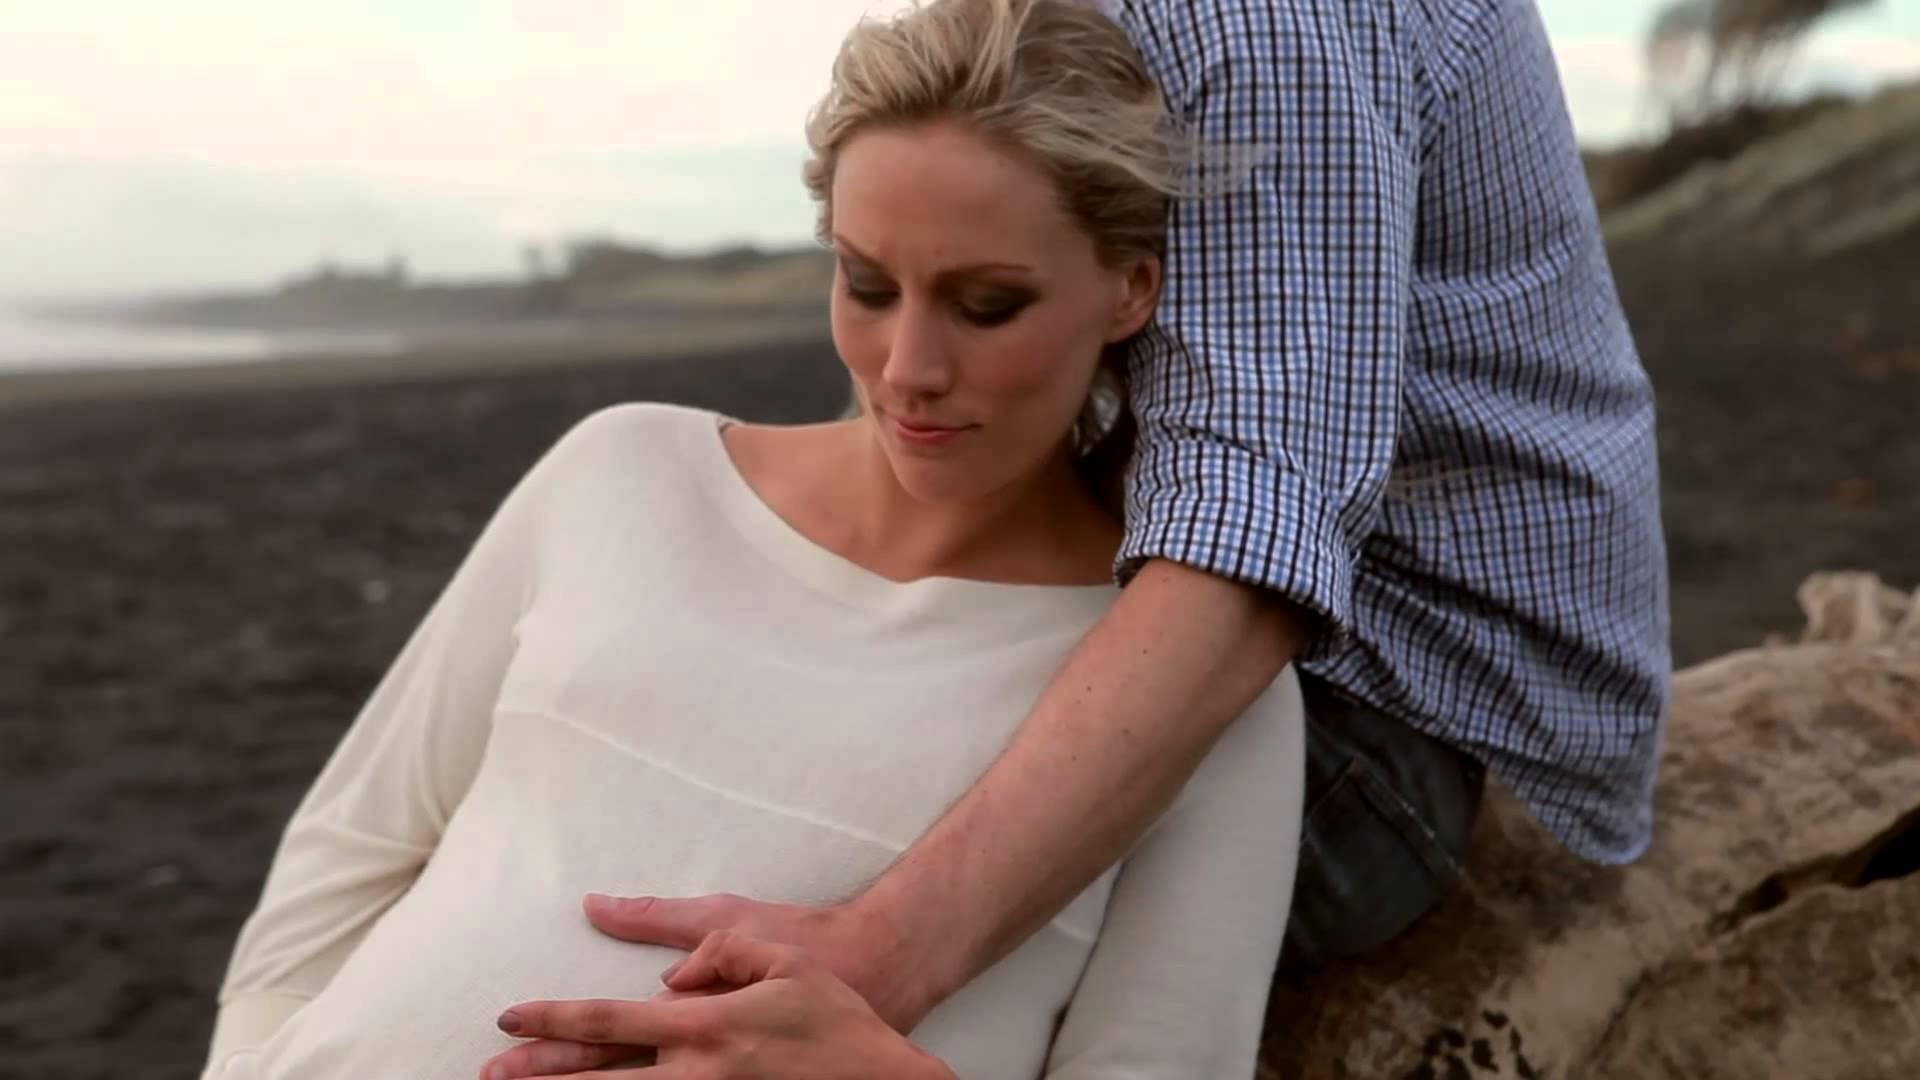 دراسة: الحوامل فى الصيف أكثر عرضة للإصابة ب«سكر الحمل»